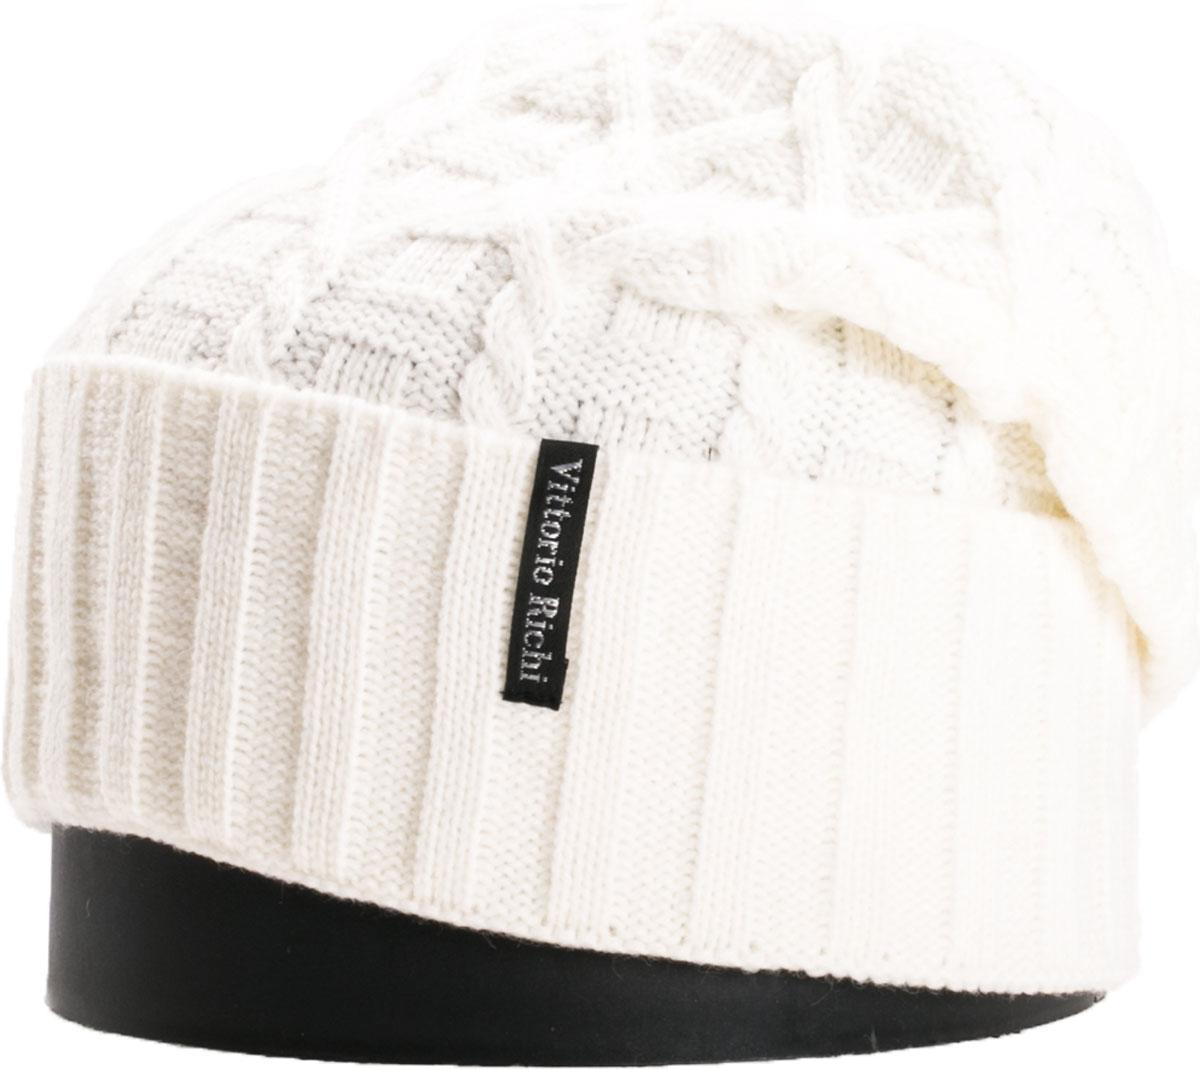 Шапка женская Vittorio Richi, цвет: белый. NSH419022. Размер 56/58NSH419022Стильная женская шапка Vittorio Richi отлично дополнит ваш образ в холодную погоду. Модель, изготовленная из шерсти с добавлением акрила, максимально сохраняет тепло и обеспечивает удобную посадку. Шапка дополнена ажурной вязкой и сбоку фирменной нашивкой. Привлекательная стильная шапка подчеркнет ваш неповторимый стиль и индивидуальность.